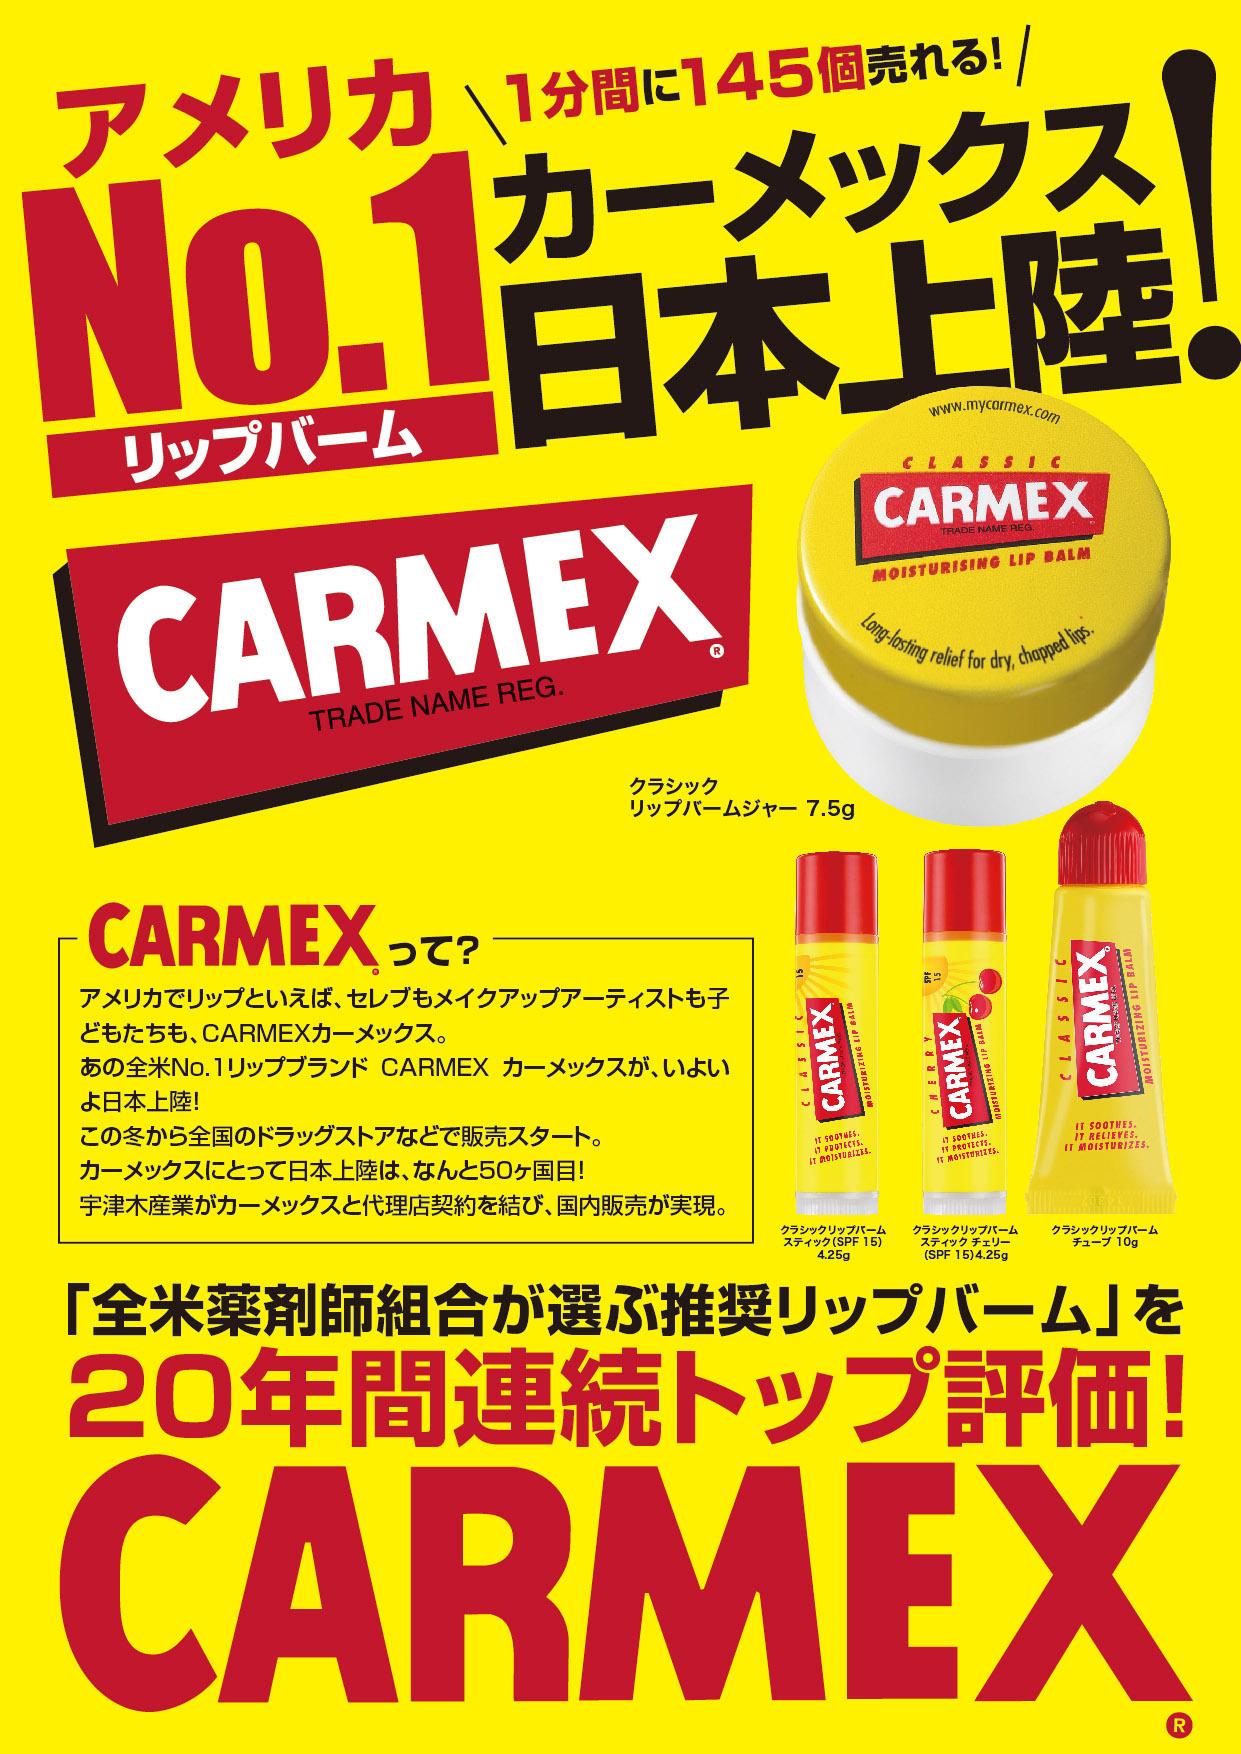 アメリカNO1リップバーム カーメックス日本上陸!販促制作